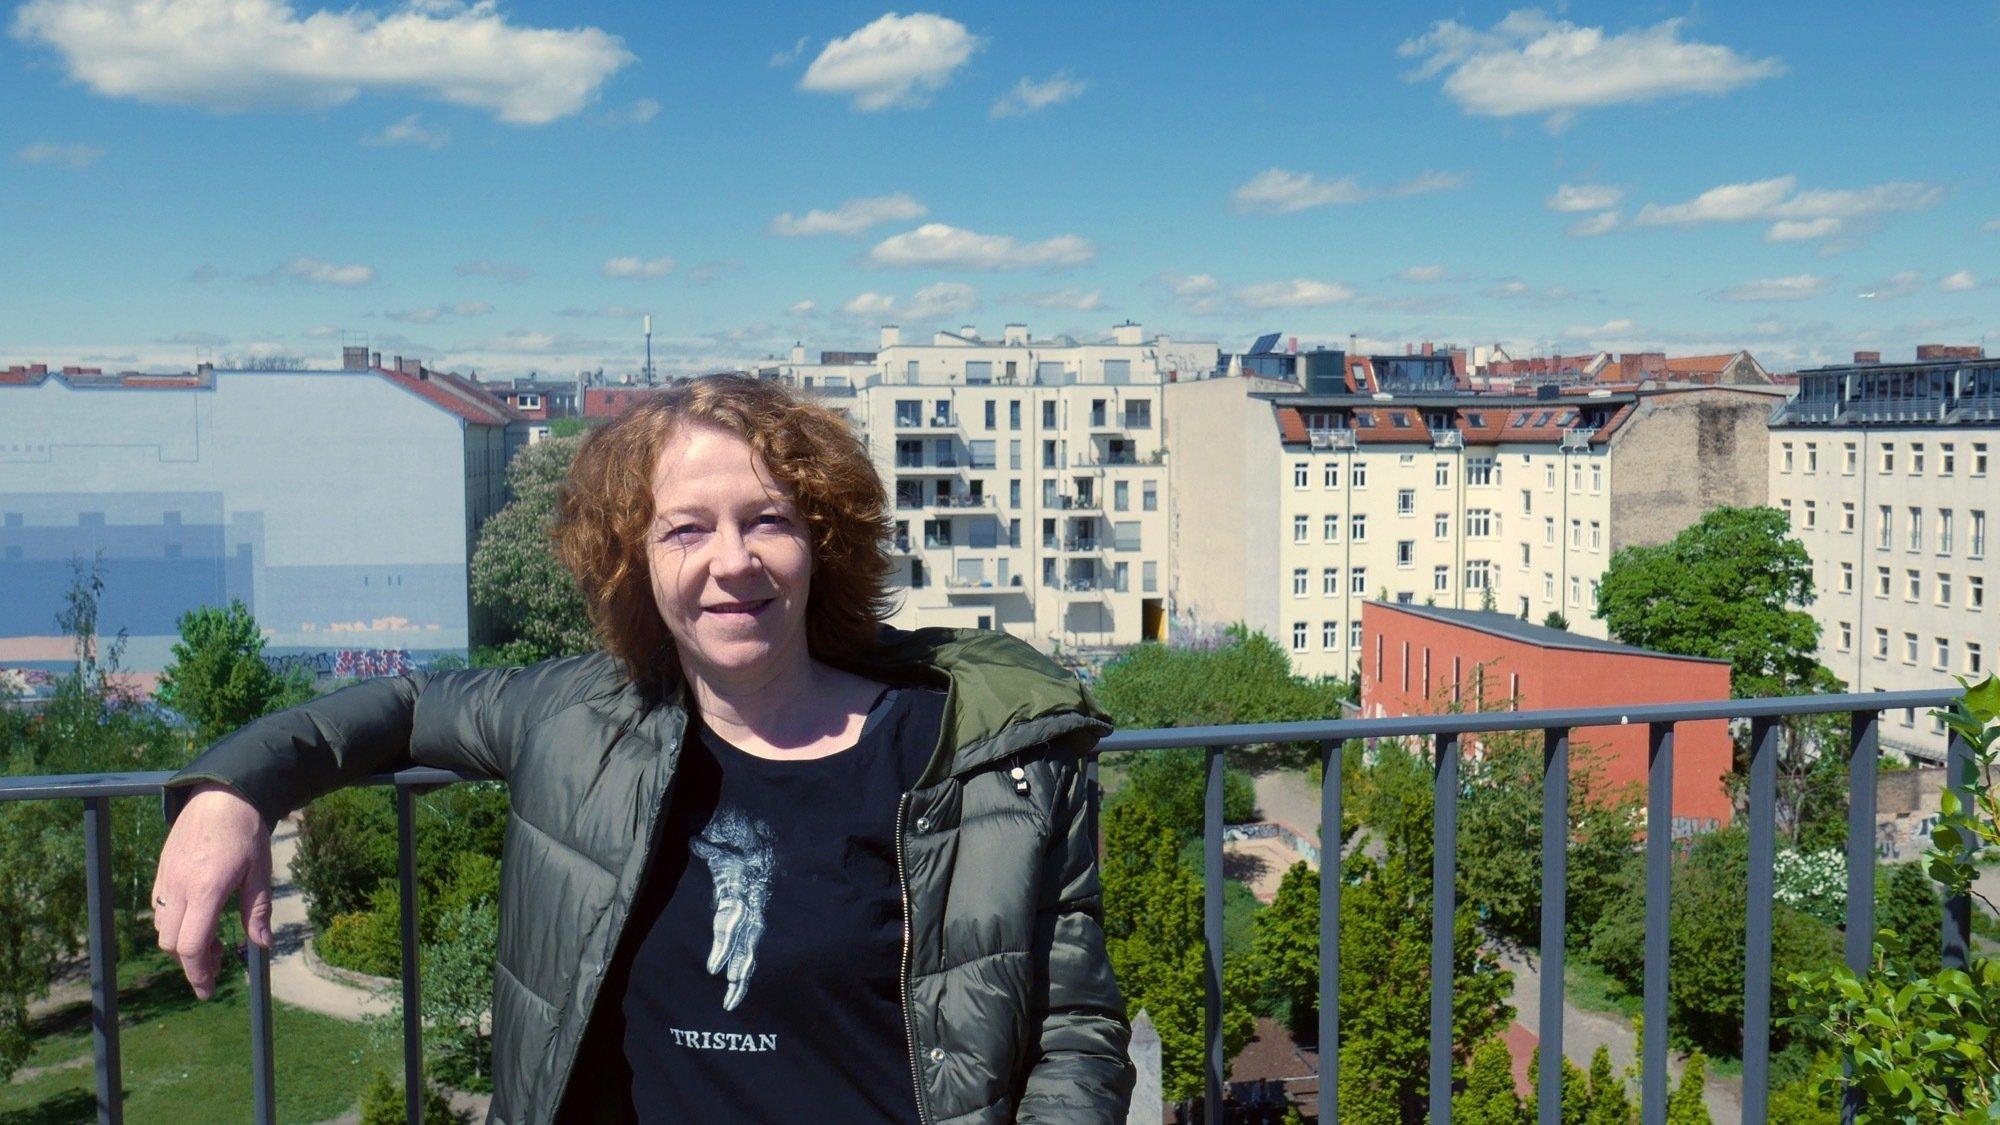 Christiane Habermalz lehnt an einem Geländer. Im Hintergrund sieht man einen Park und mehrstöckige Wohnhäuser.